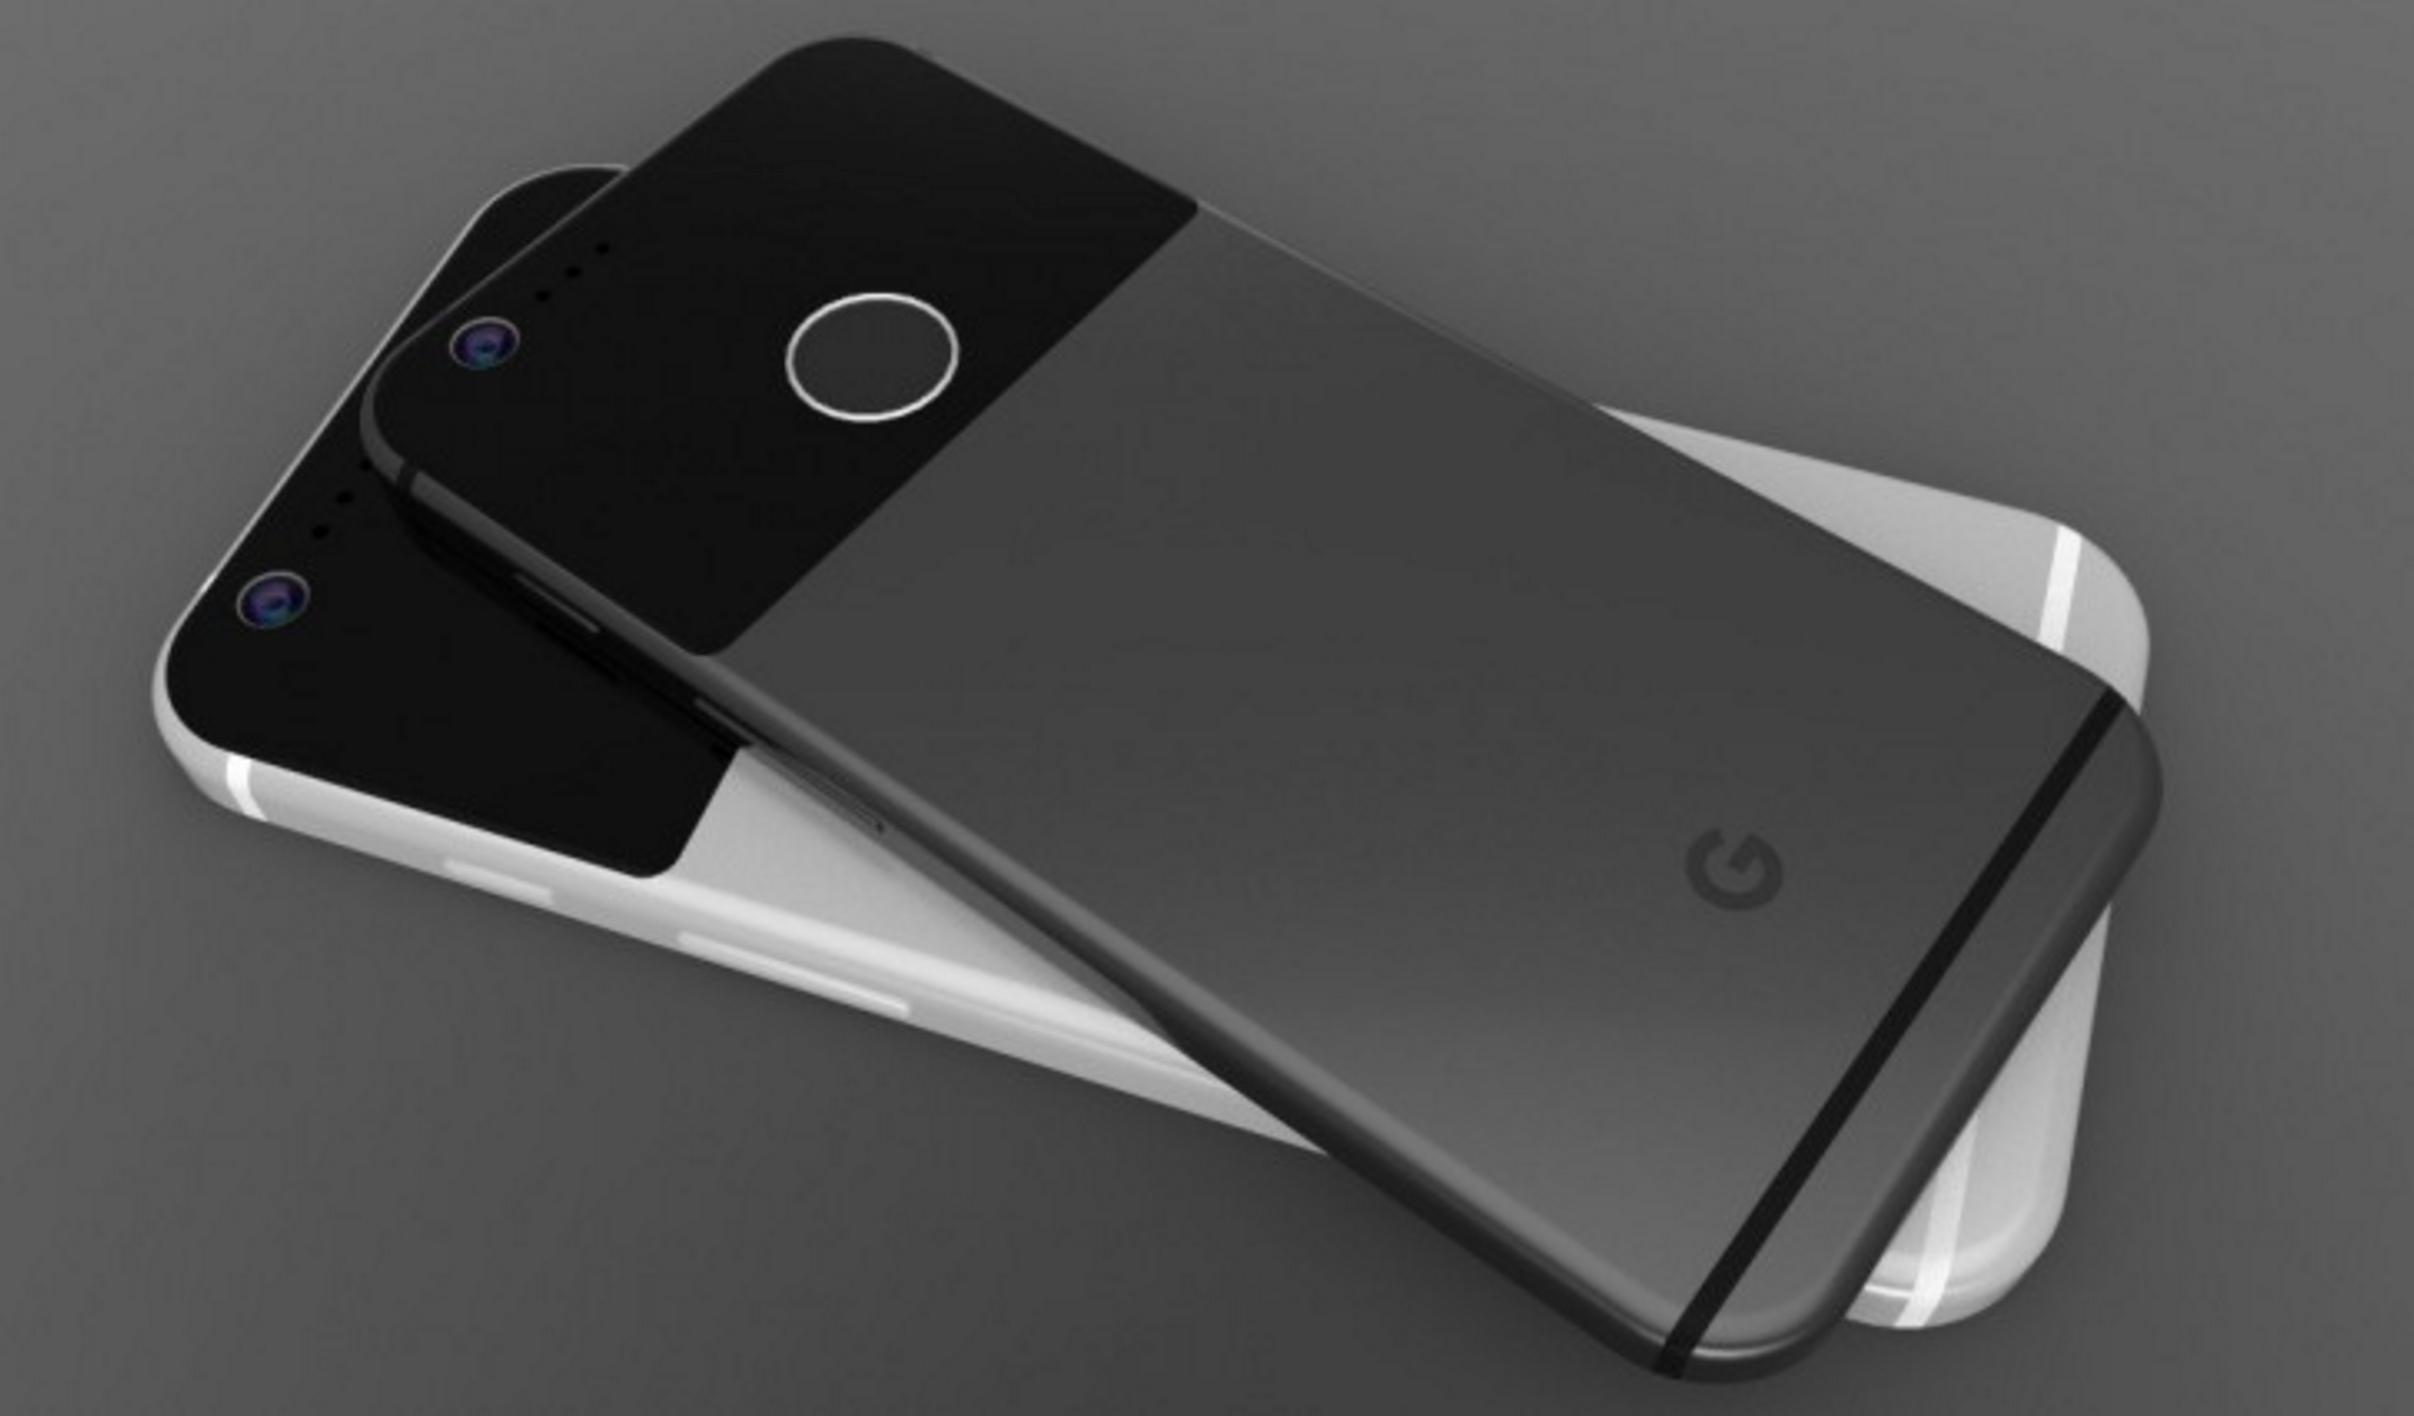 Slik skal en av de nye Pixel-telefonene bli seende ut, ifølge ryktene.